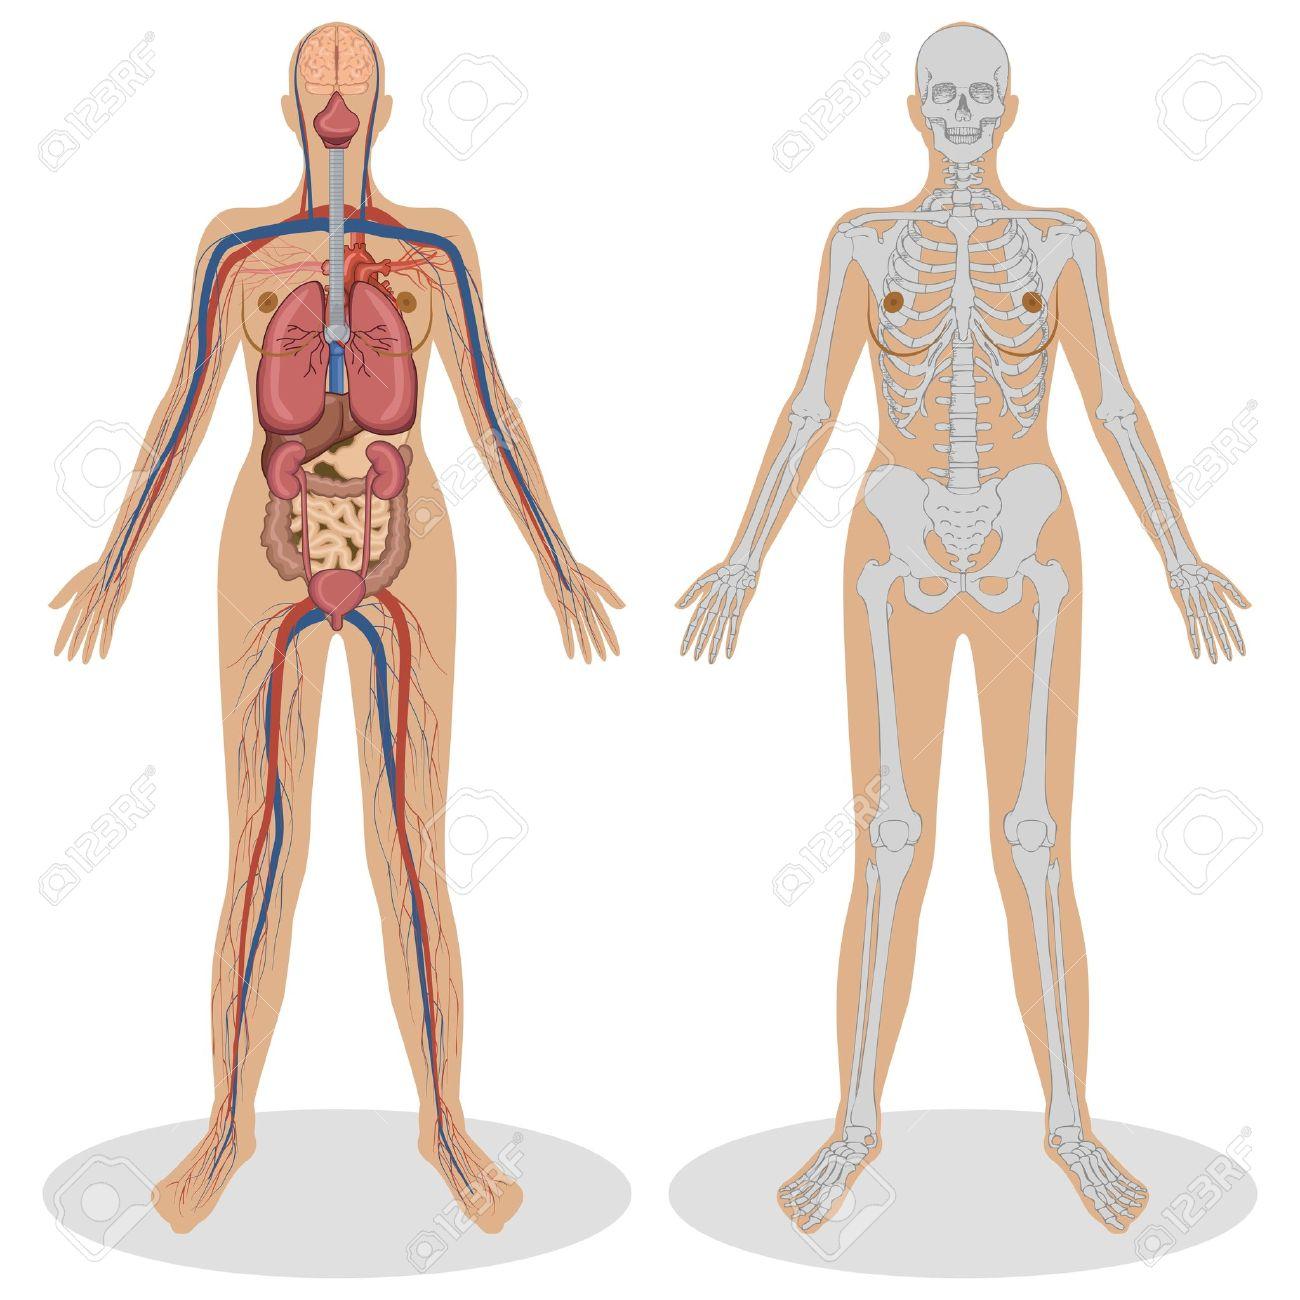 Abbildung Der Menschlichen Anatomie Der Frau Auf Weißem Hintergrund ...